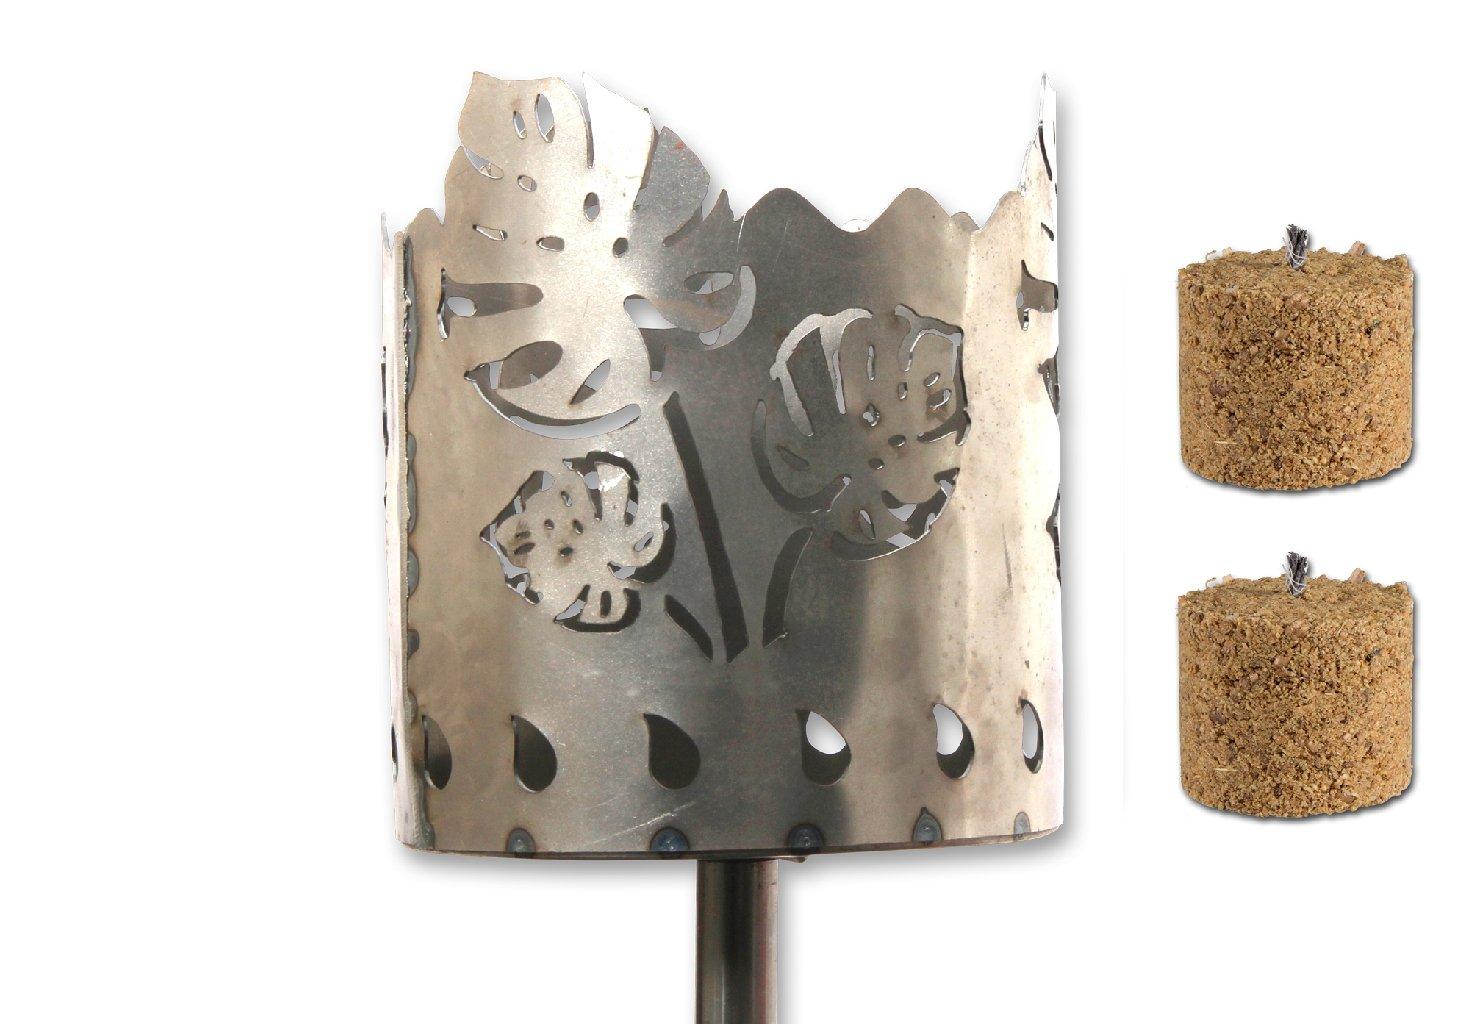 /Ø 15cm 2 Holzbrennelementen Garten Sommer Fackel Windlicht aus Metall H/öhe: 128 cm Unbekannt Gartenfackel auf Stecker Bl/ätter INKL